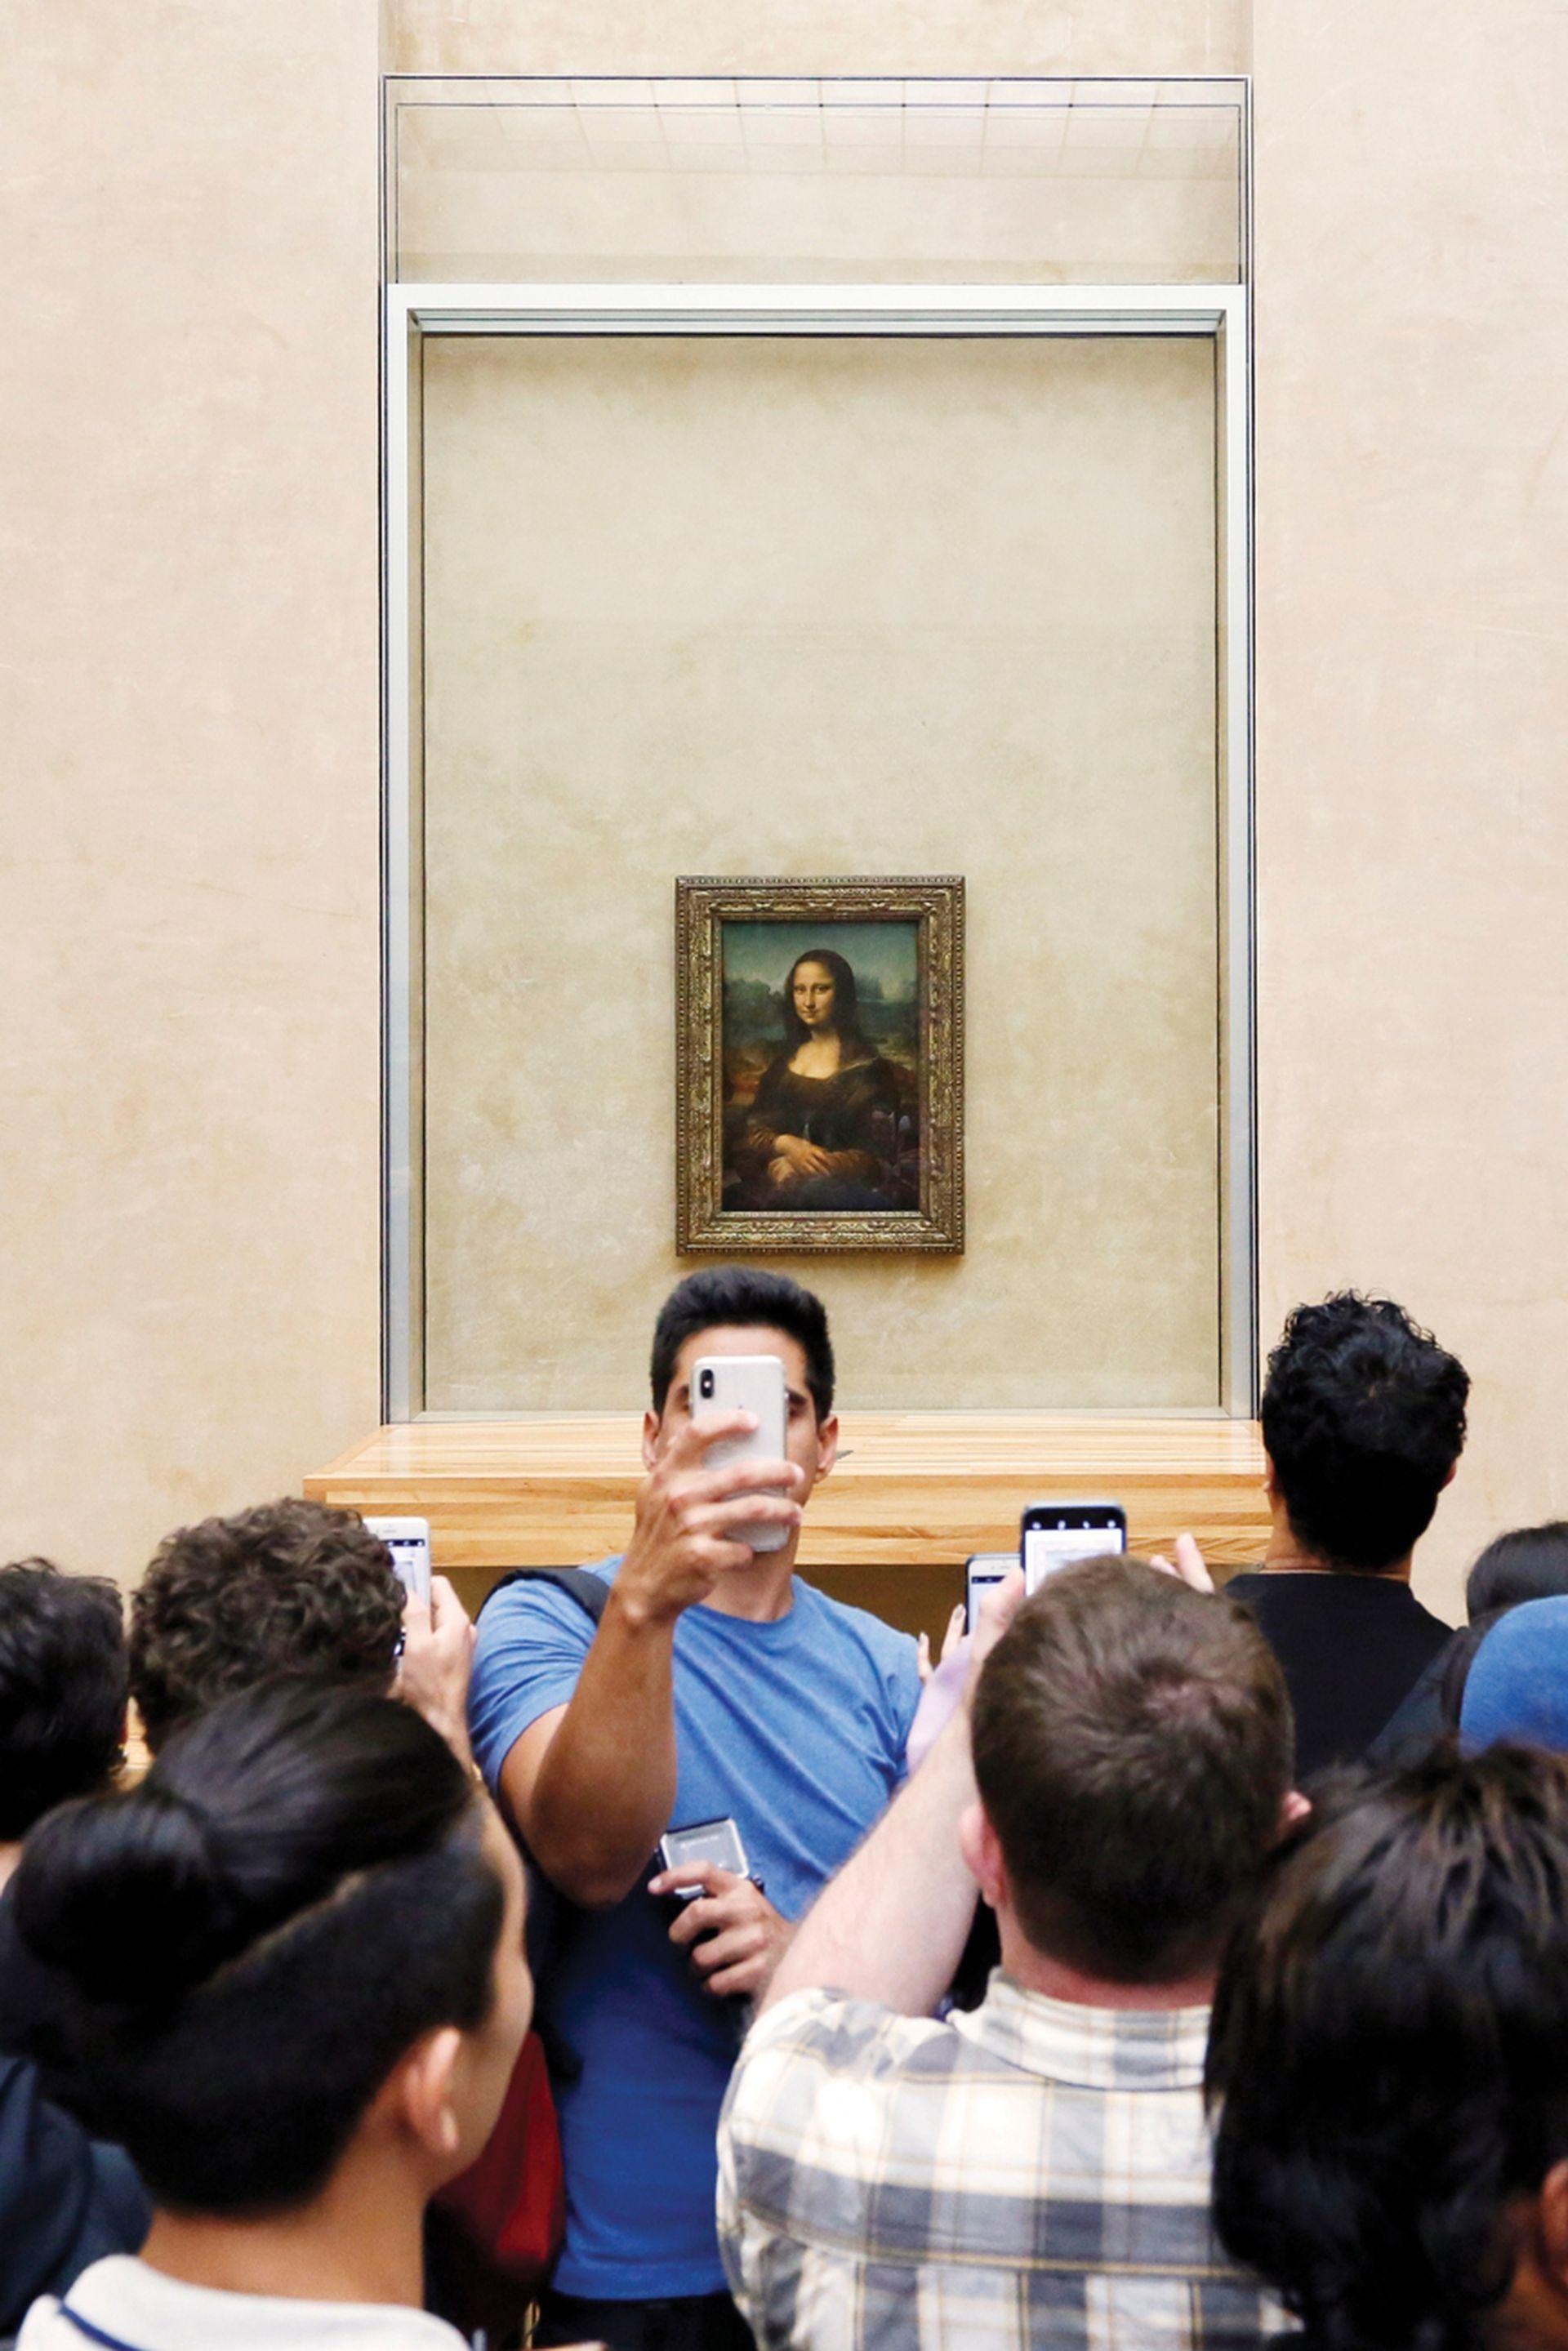 En el Louvre, La Gioconda es el cuadro más visitado del mundo